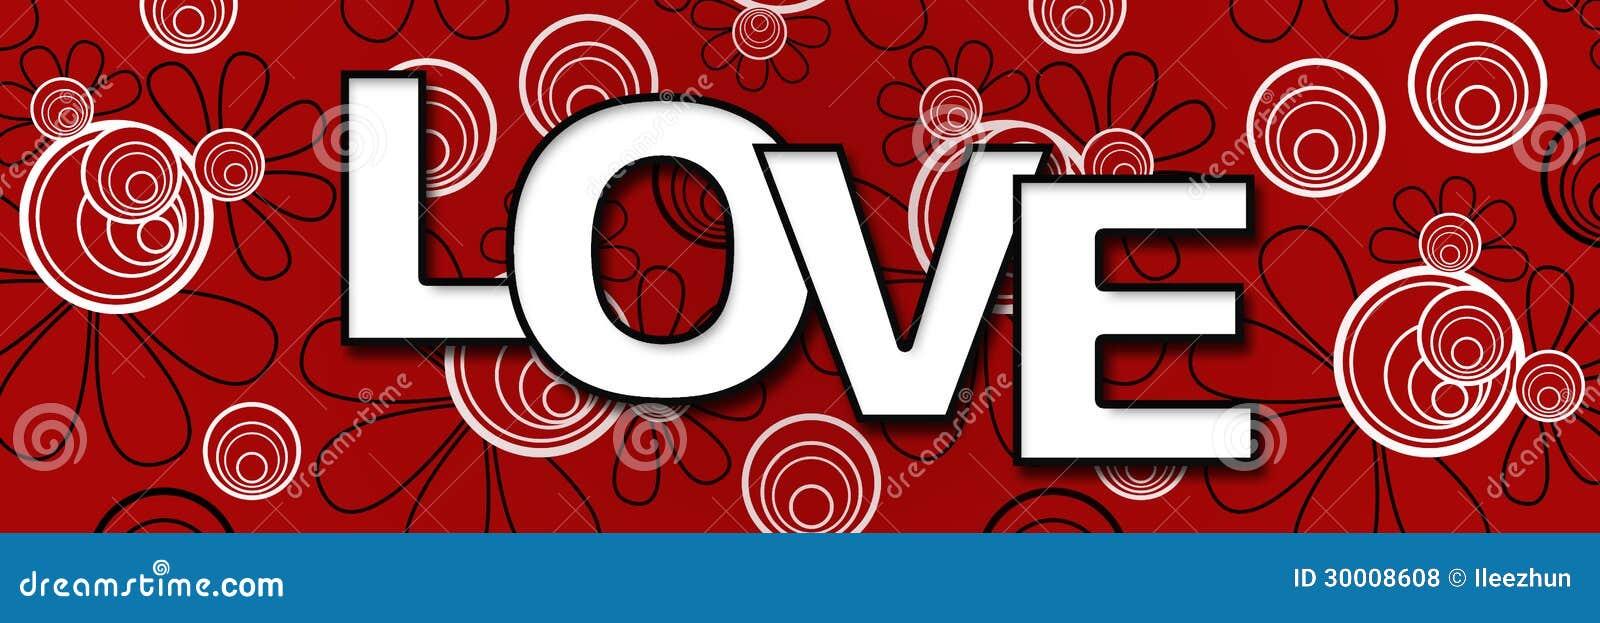 Le rouge et le noir la rencontre amoureuse texte